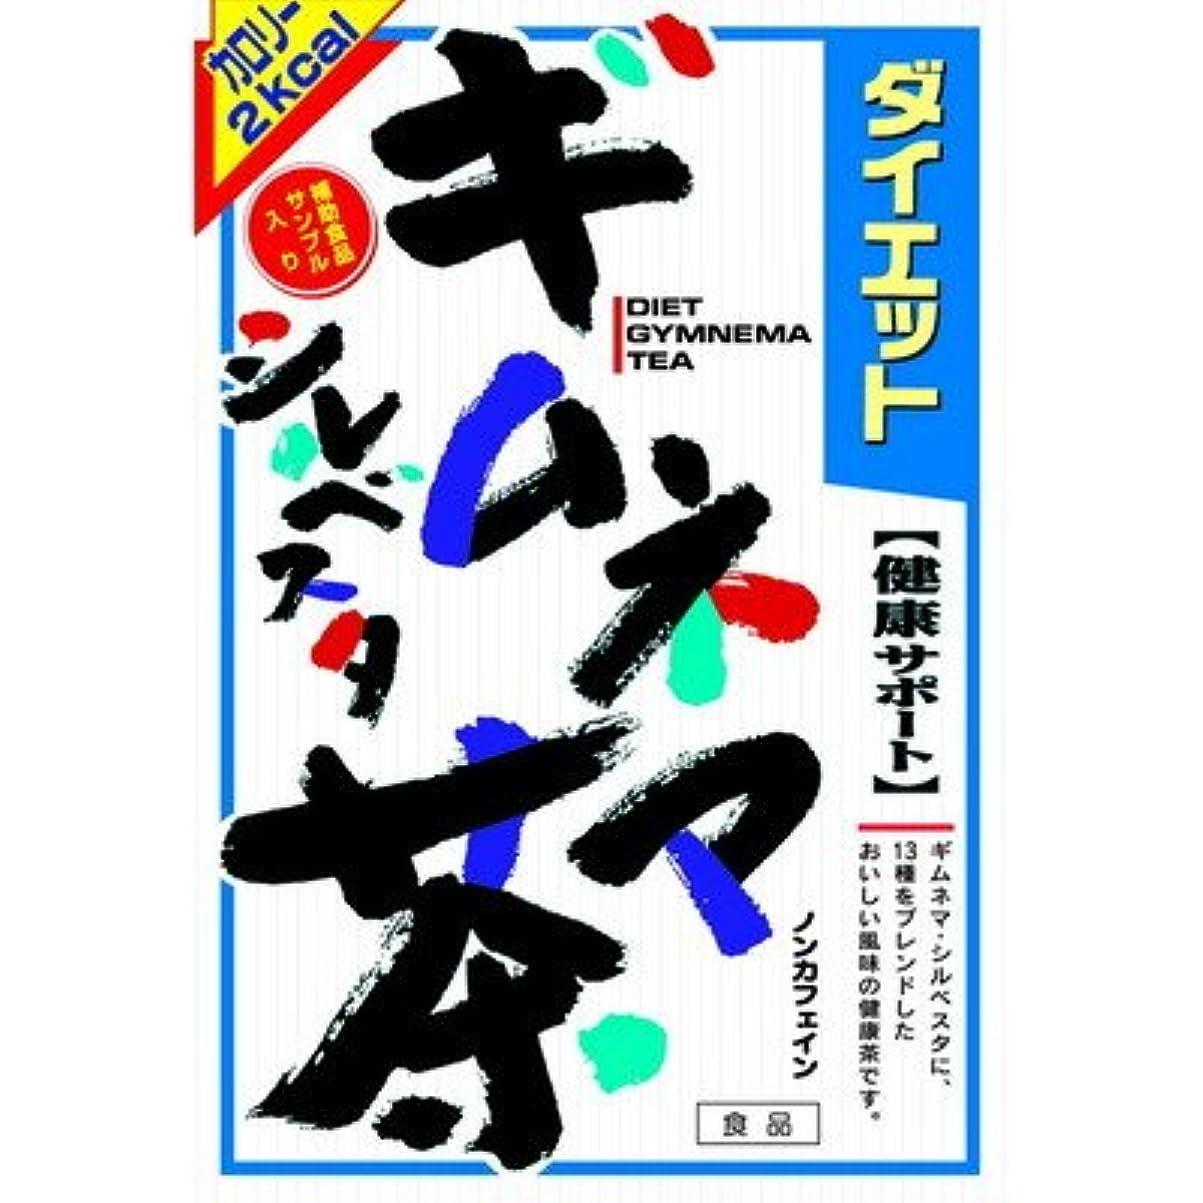 周辺側面しなやか山本漢方 ダイエットギムネマシルベスタ茶 8g x 24包【2個セット】